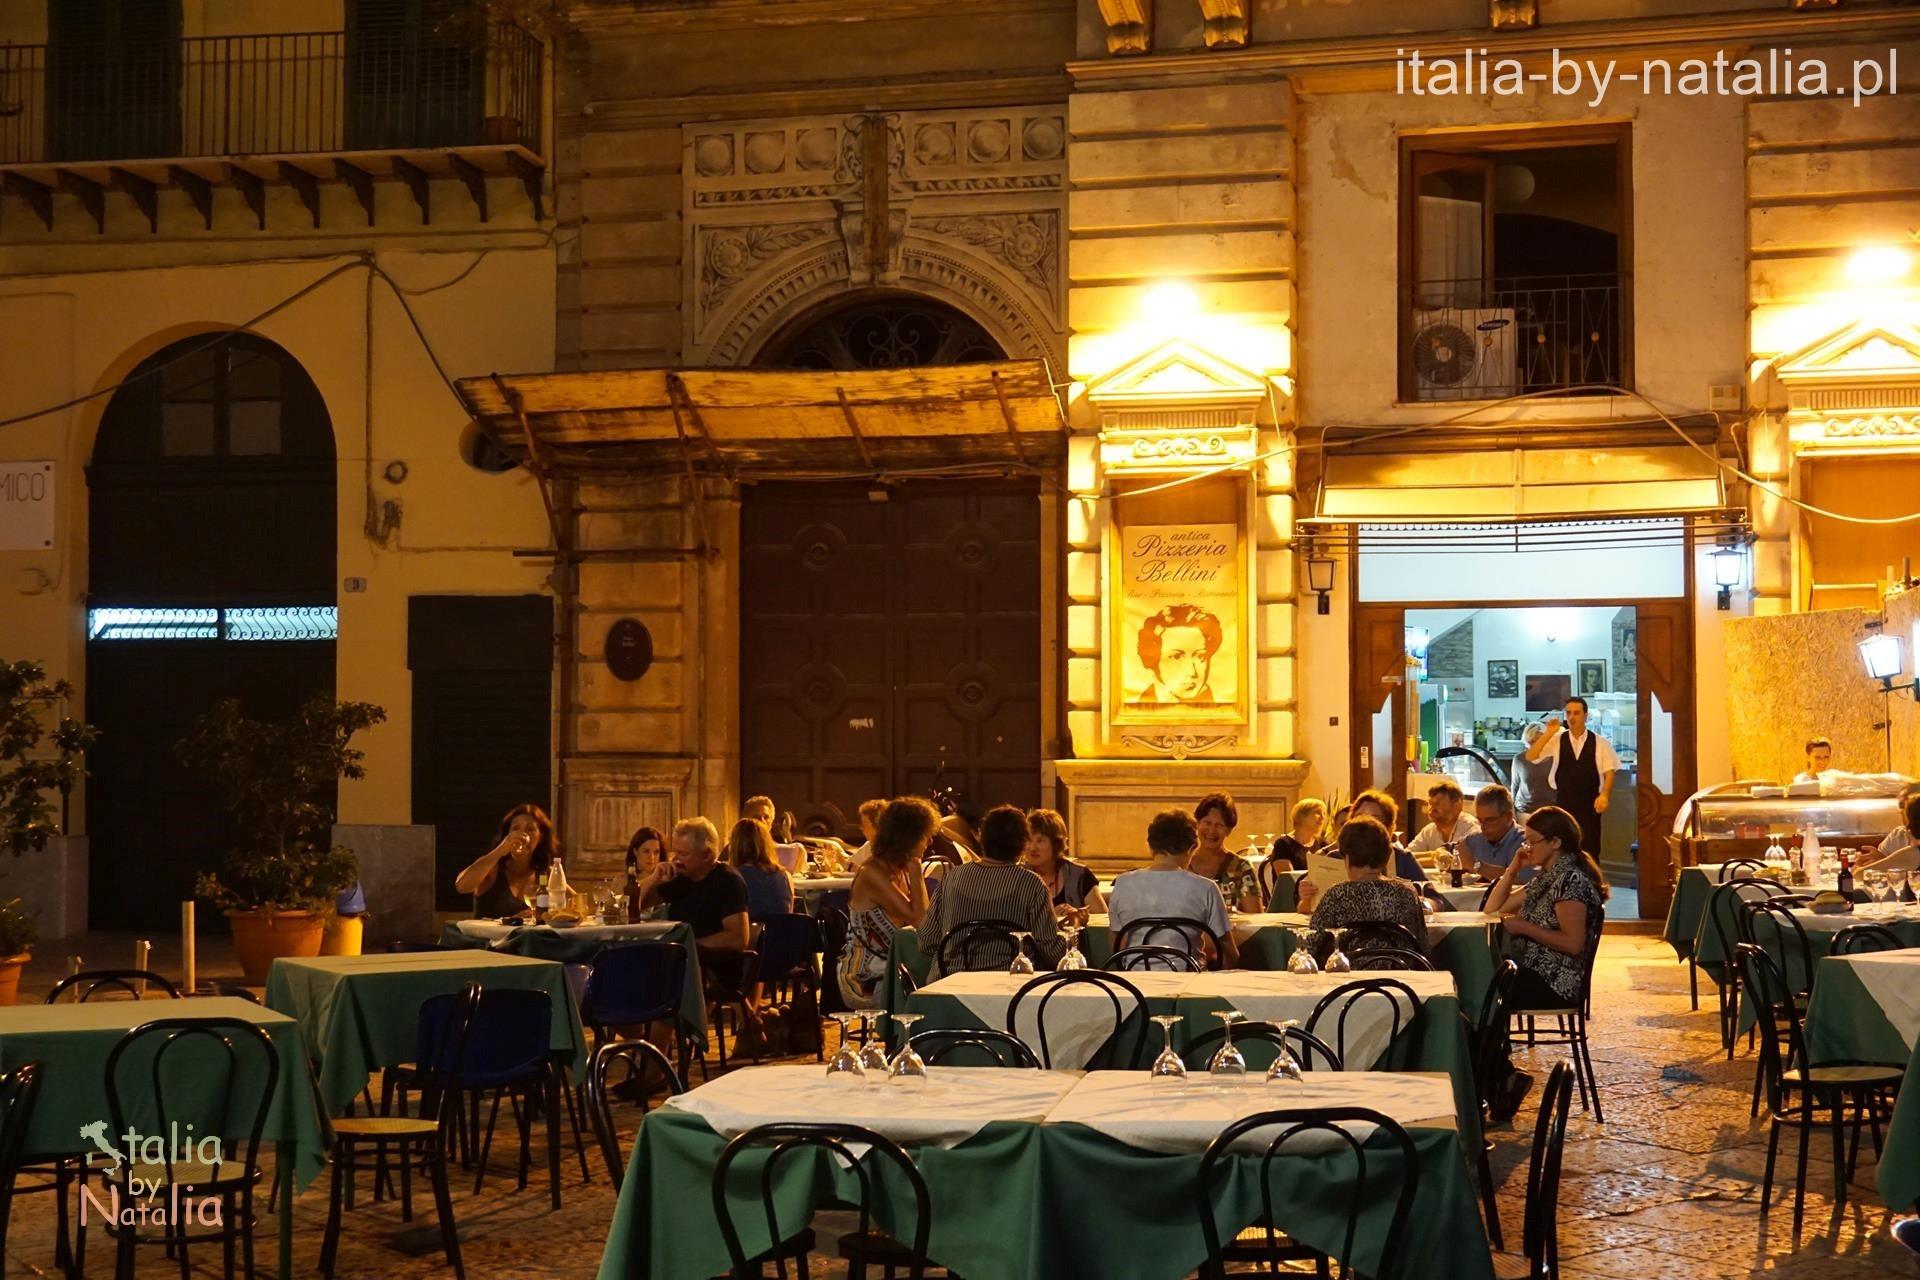 antica pizzeria bellini Palermo Piazza Bellini